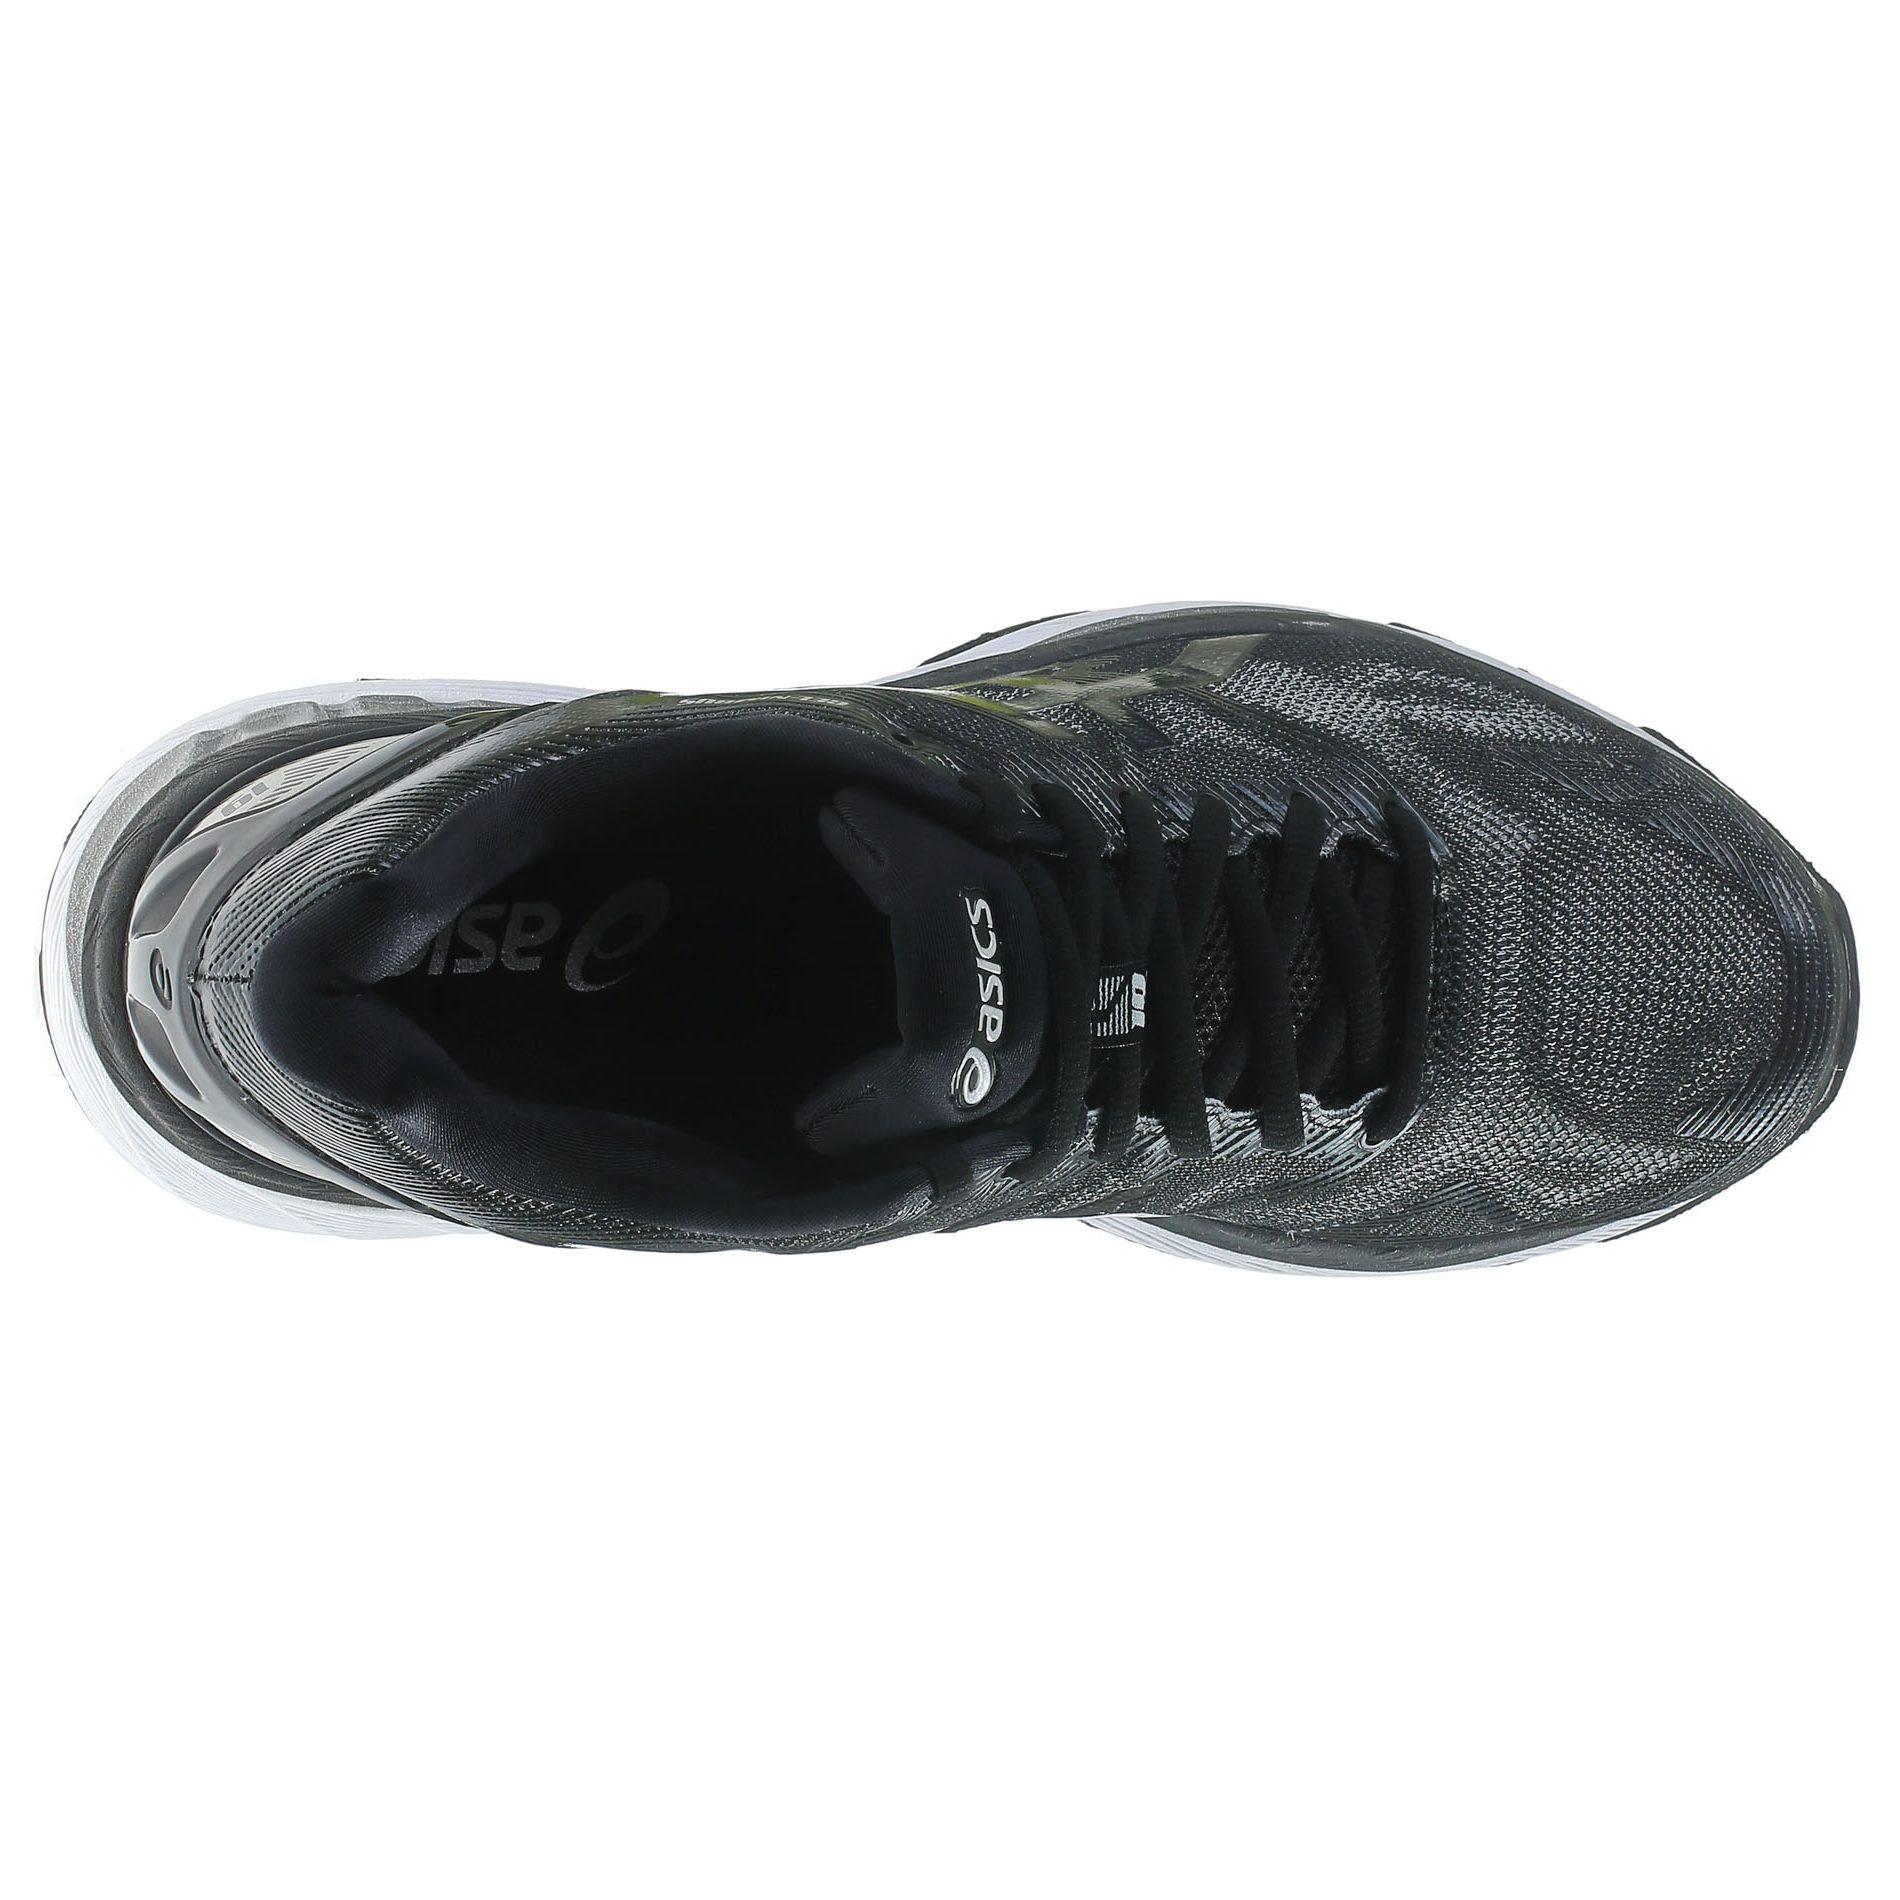 סנסציוני Lime Shoes | נעלי אסיקס | ג'ל נימבוס - GEL-Nimbus 19 | המחיר HN-55